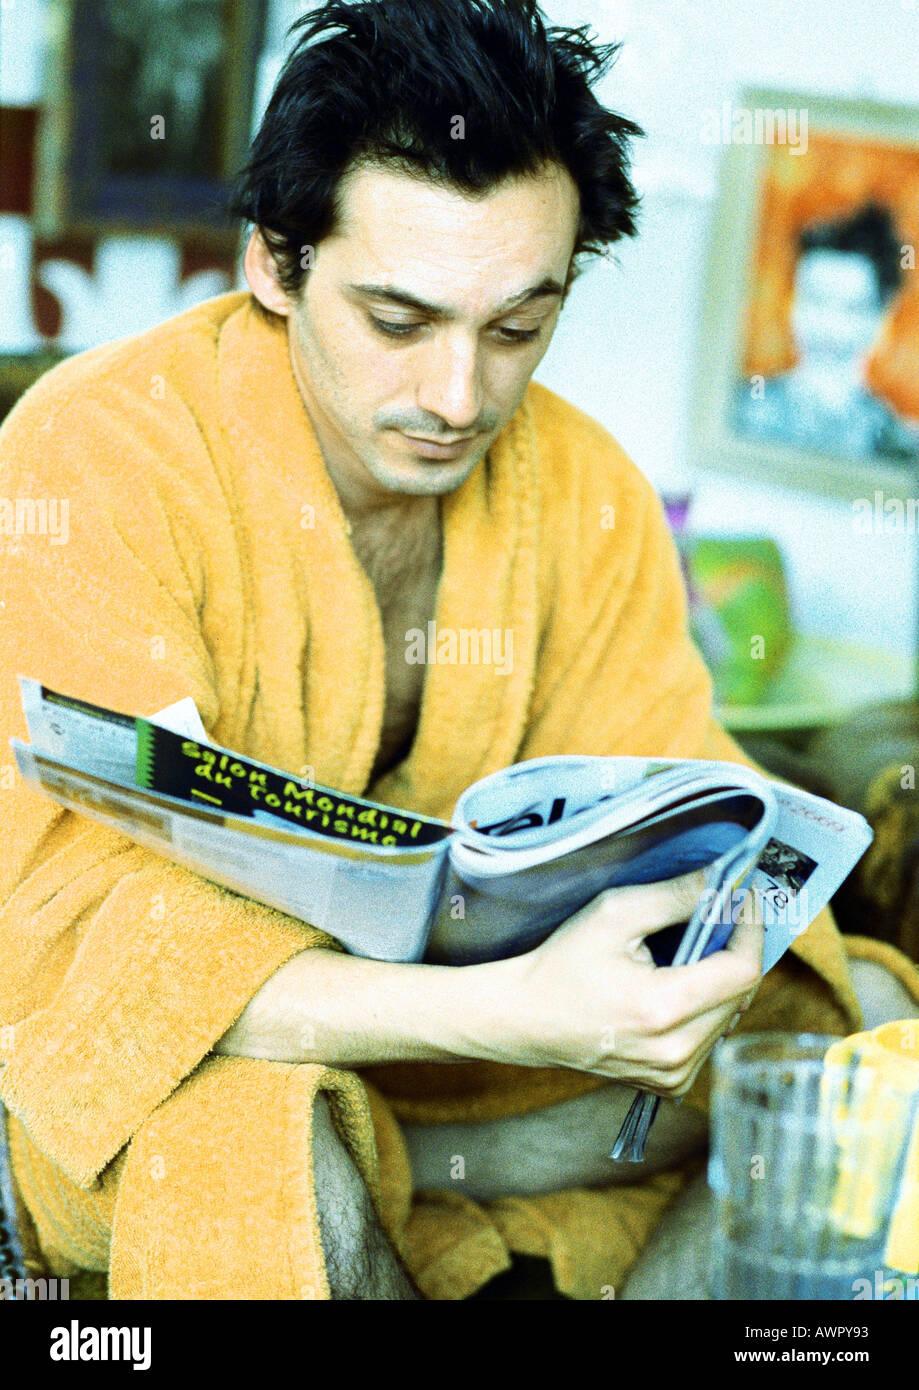 Man reading magazine, portrait. Banque D'Images